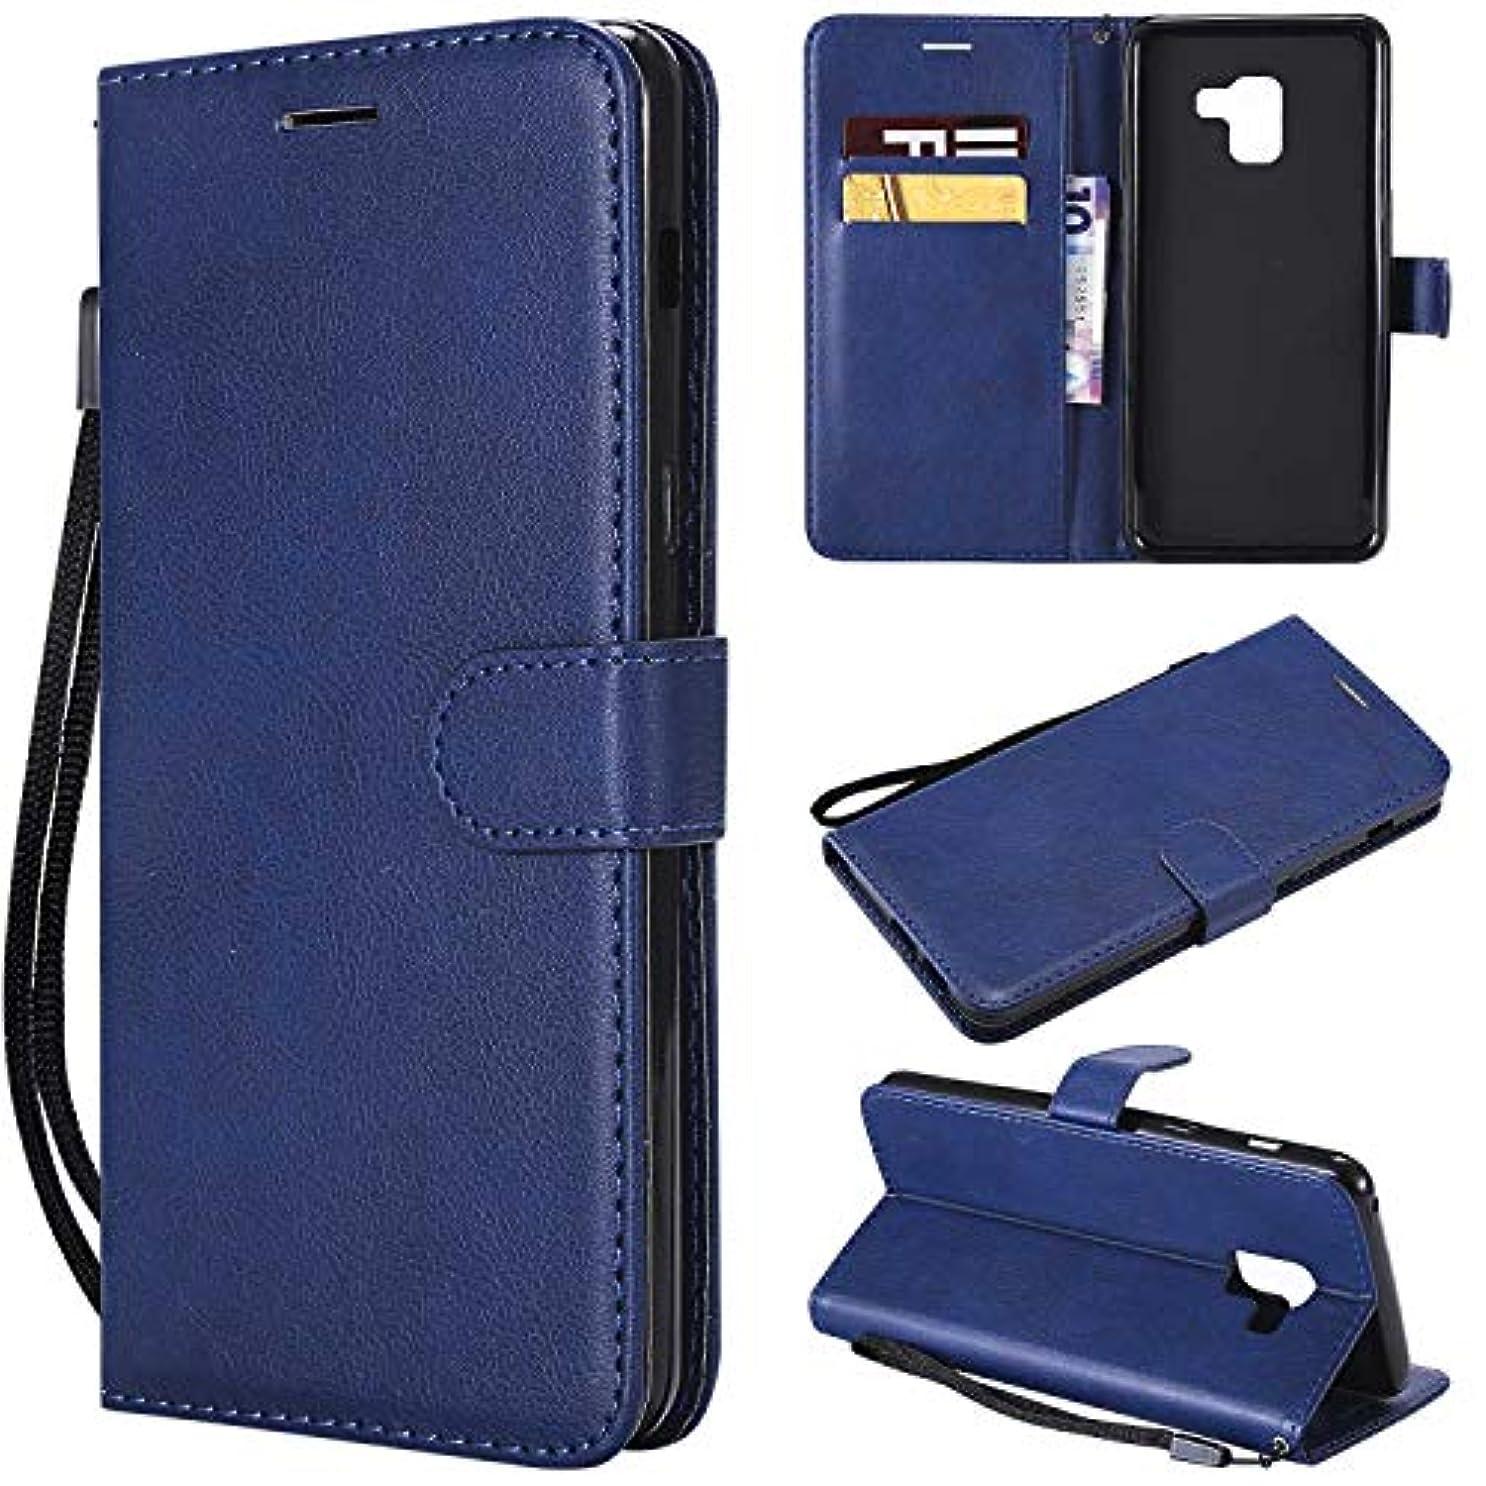 マンハッタンピカリングヶ月目Galaxy A8 Plus ケース手帳型 OMATENTI レザー 革 薄型 手帳型カバー カード入れ スタンド機能 サムスン Galaxy A8 Plus おしゃれ 手帳ケース (6-ブルー)